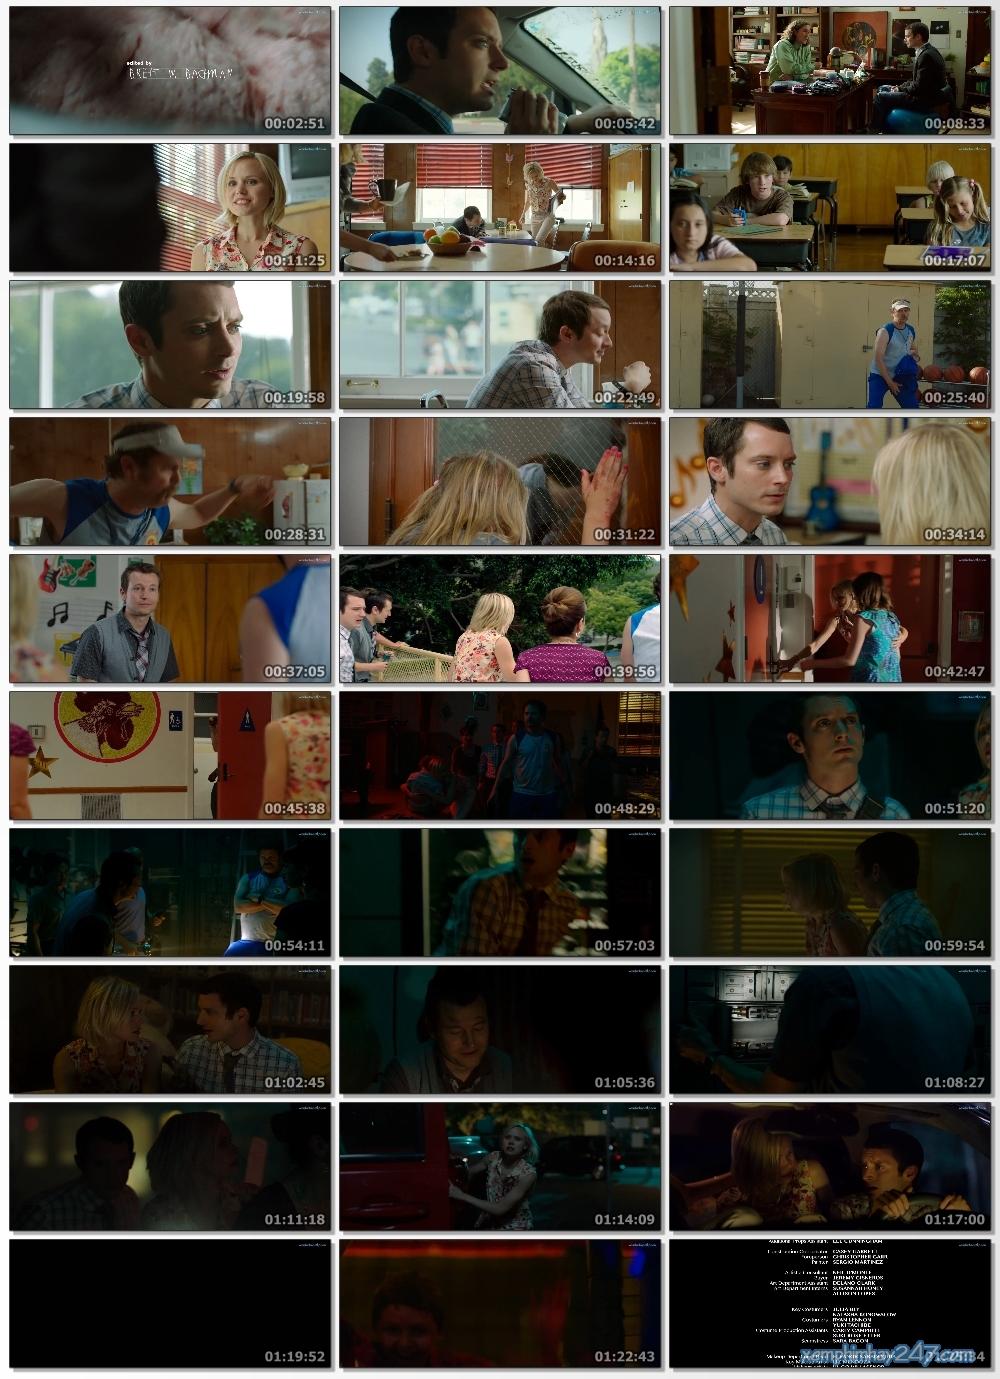 http://xemphimhay247.com - Xem phim hay 247 - Virus Bí Ẩn (2014) - Cooties (2014)